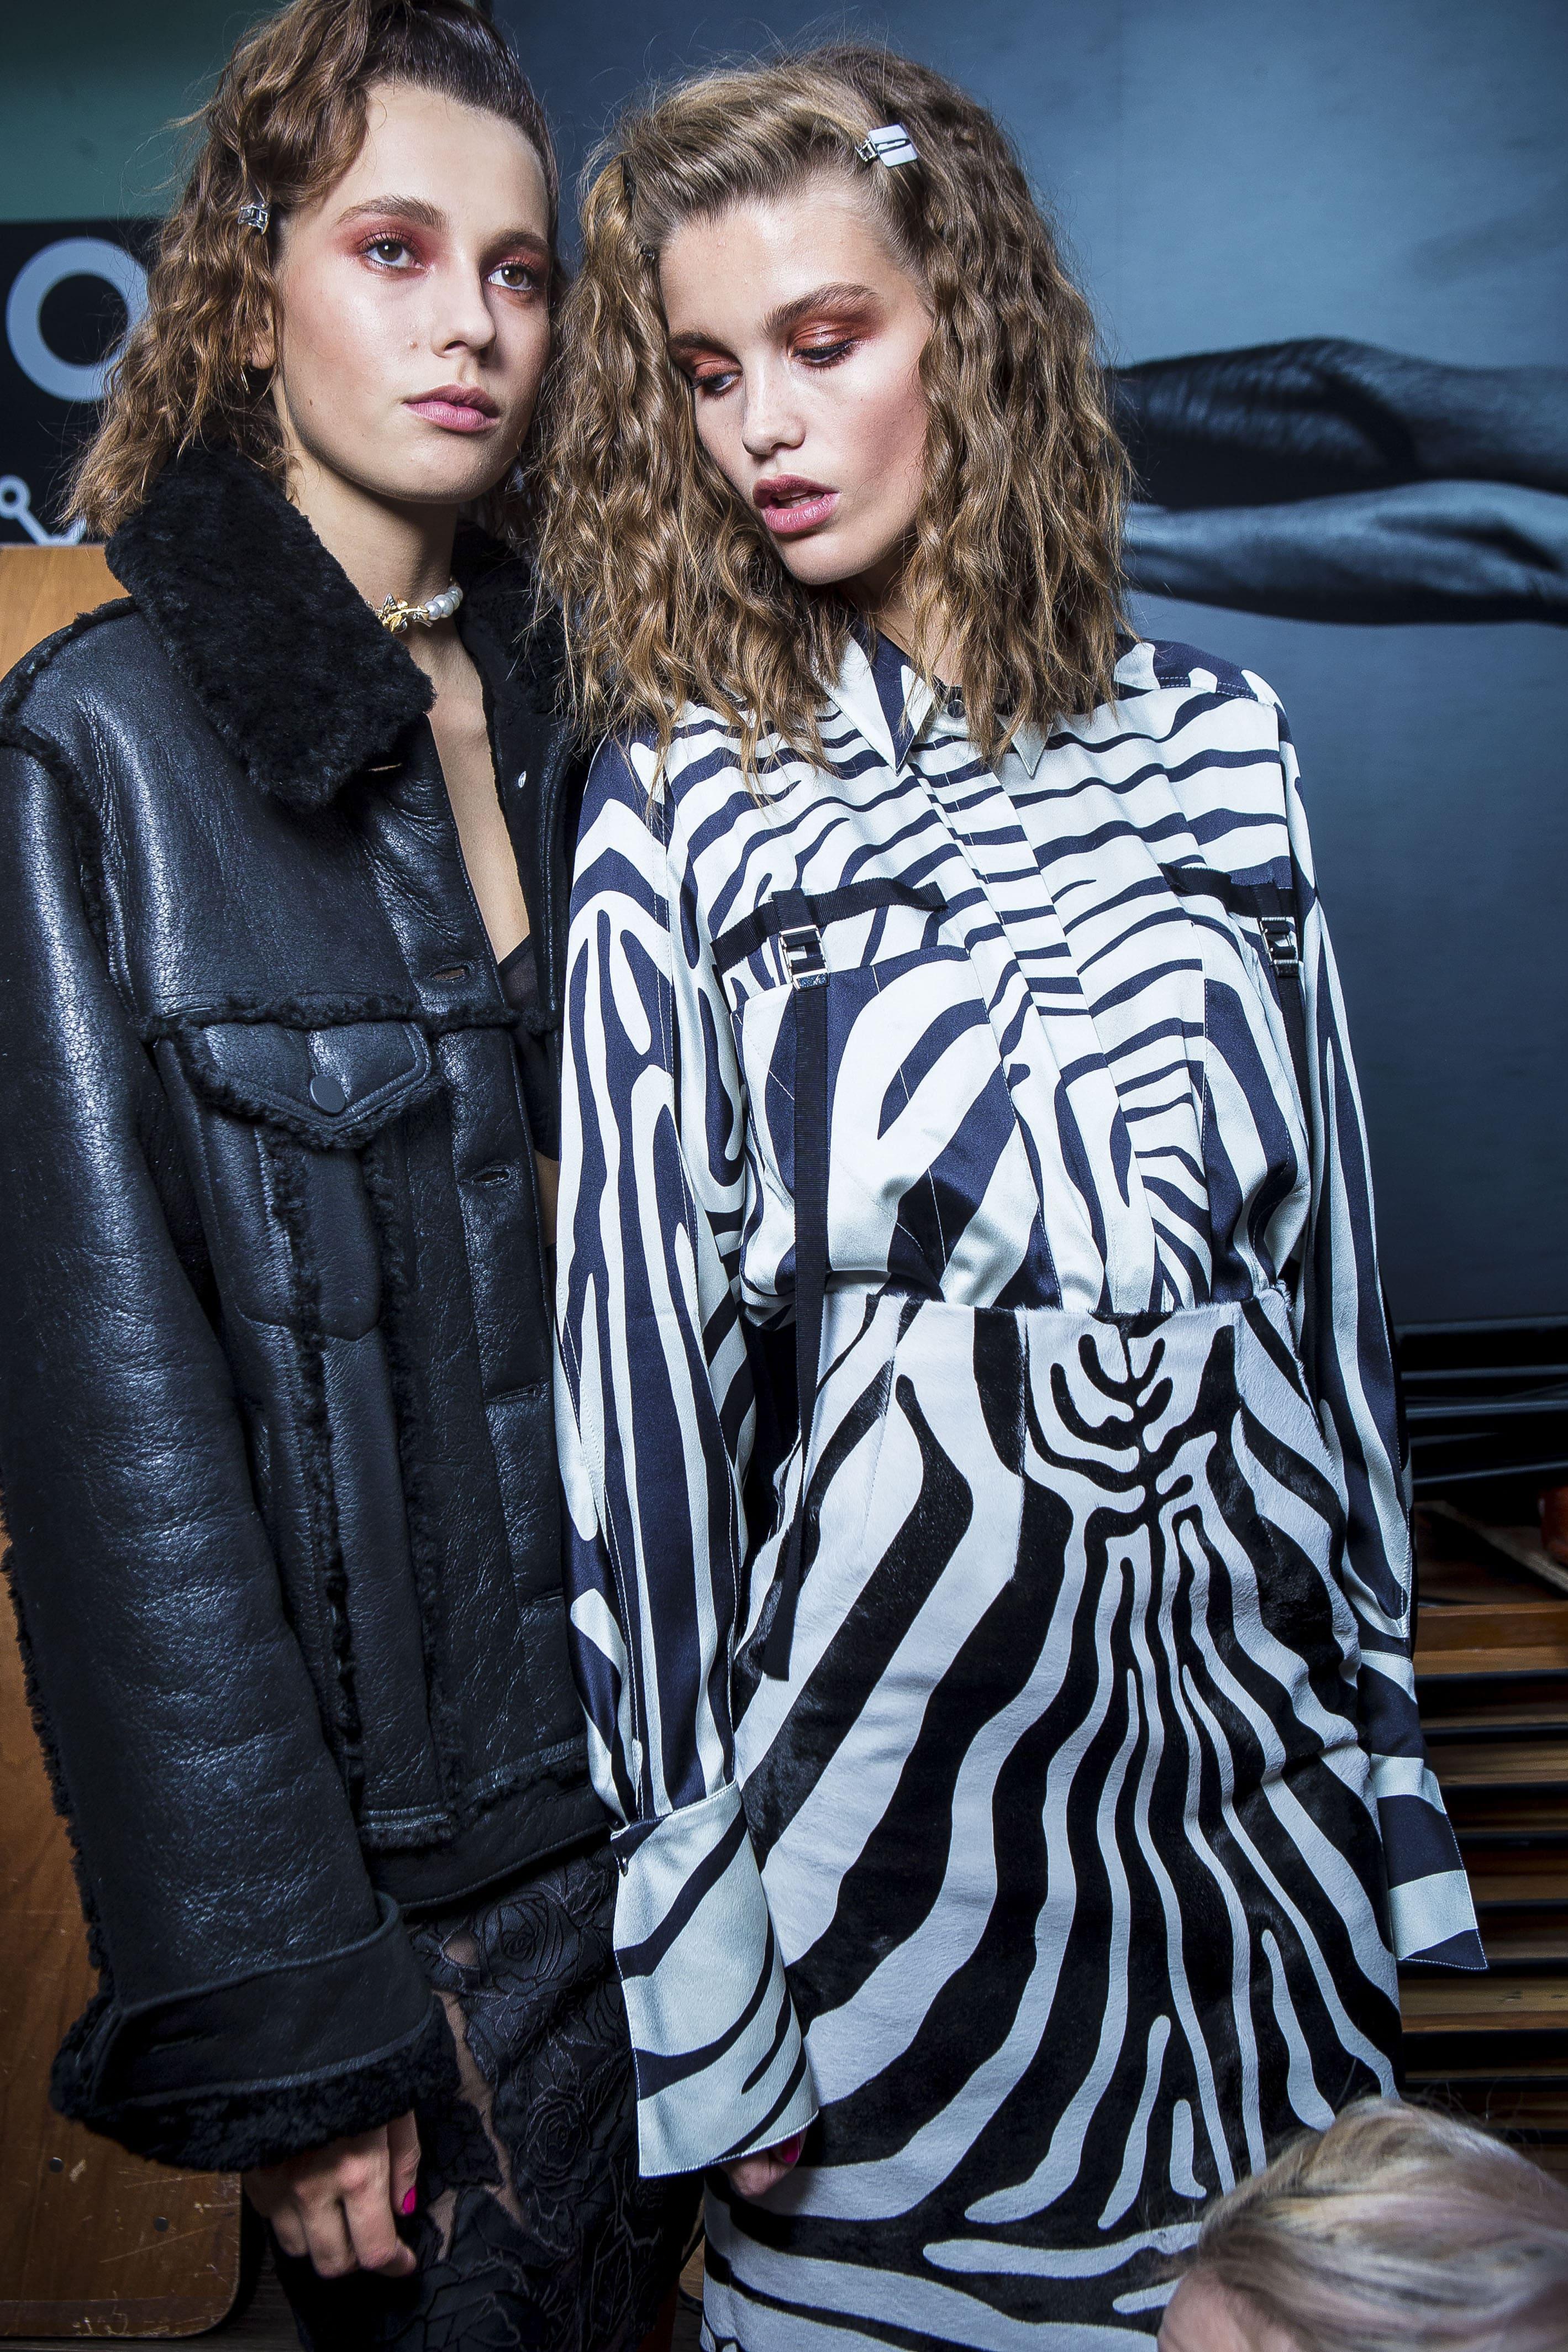 models backstage at runway show